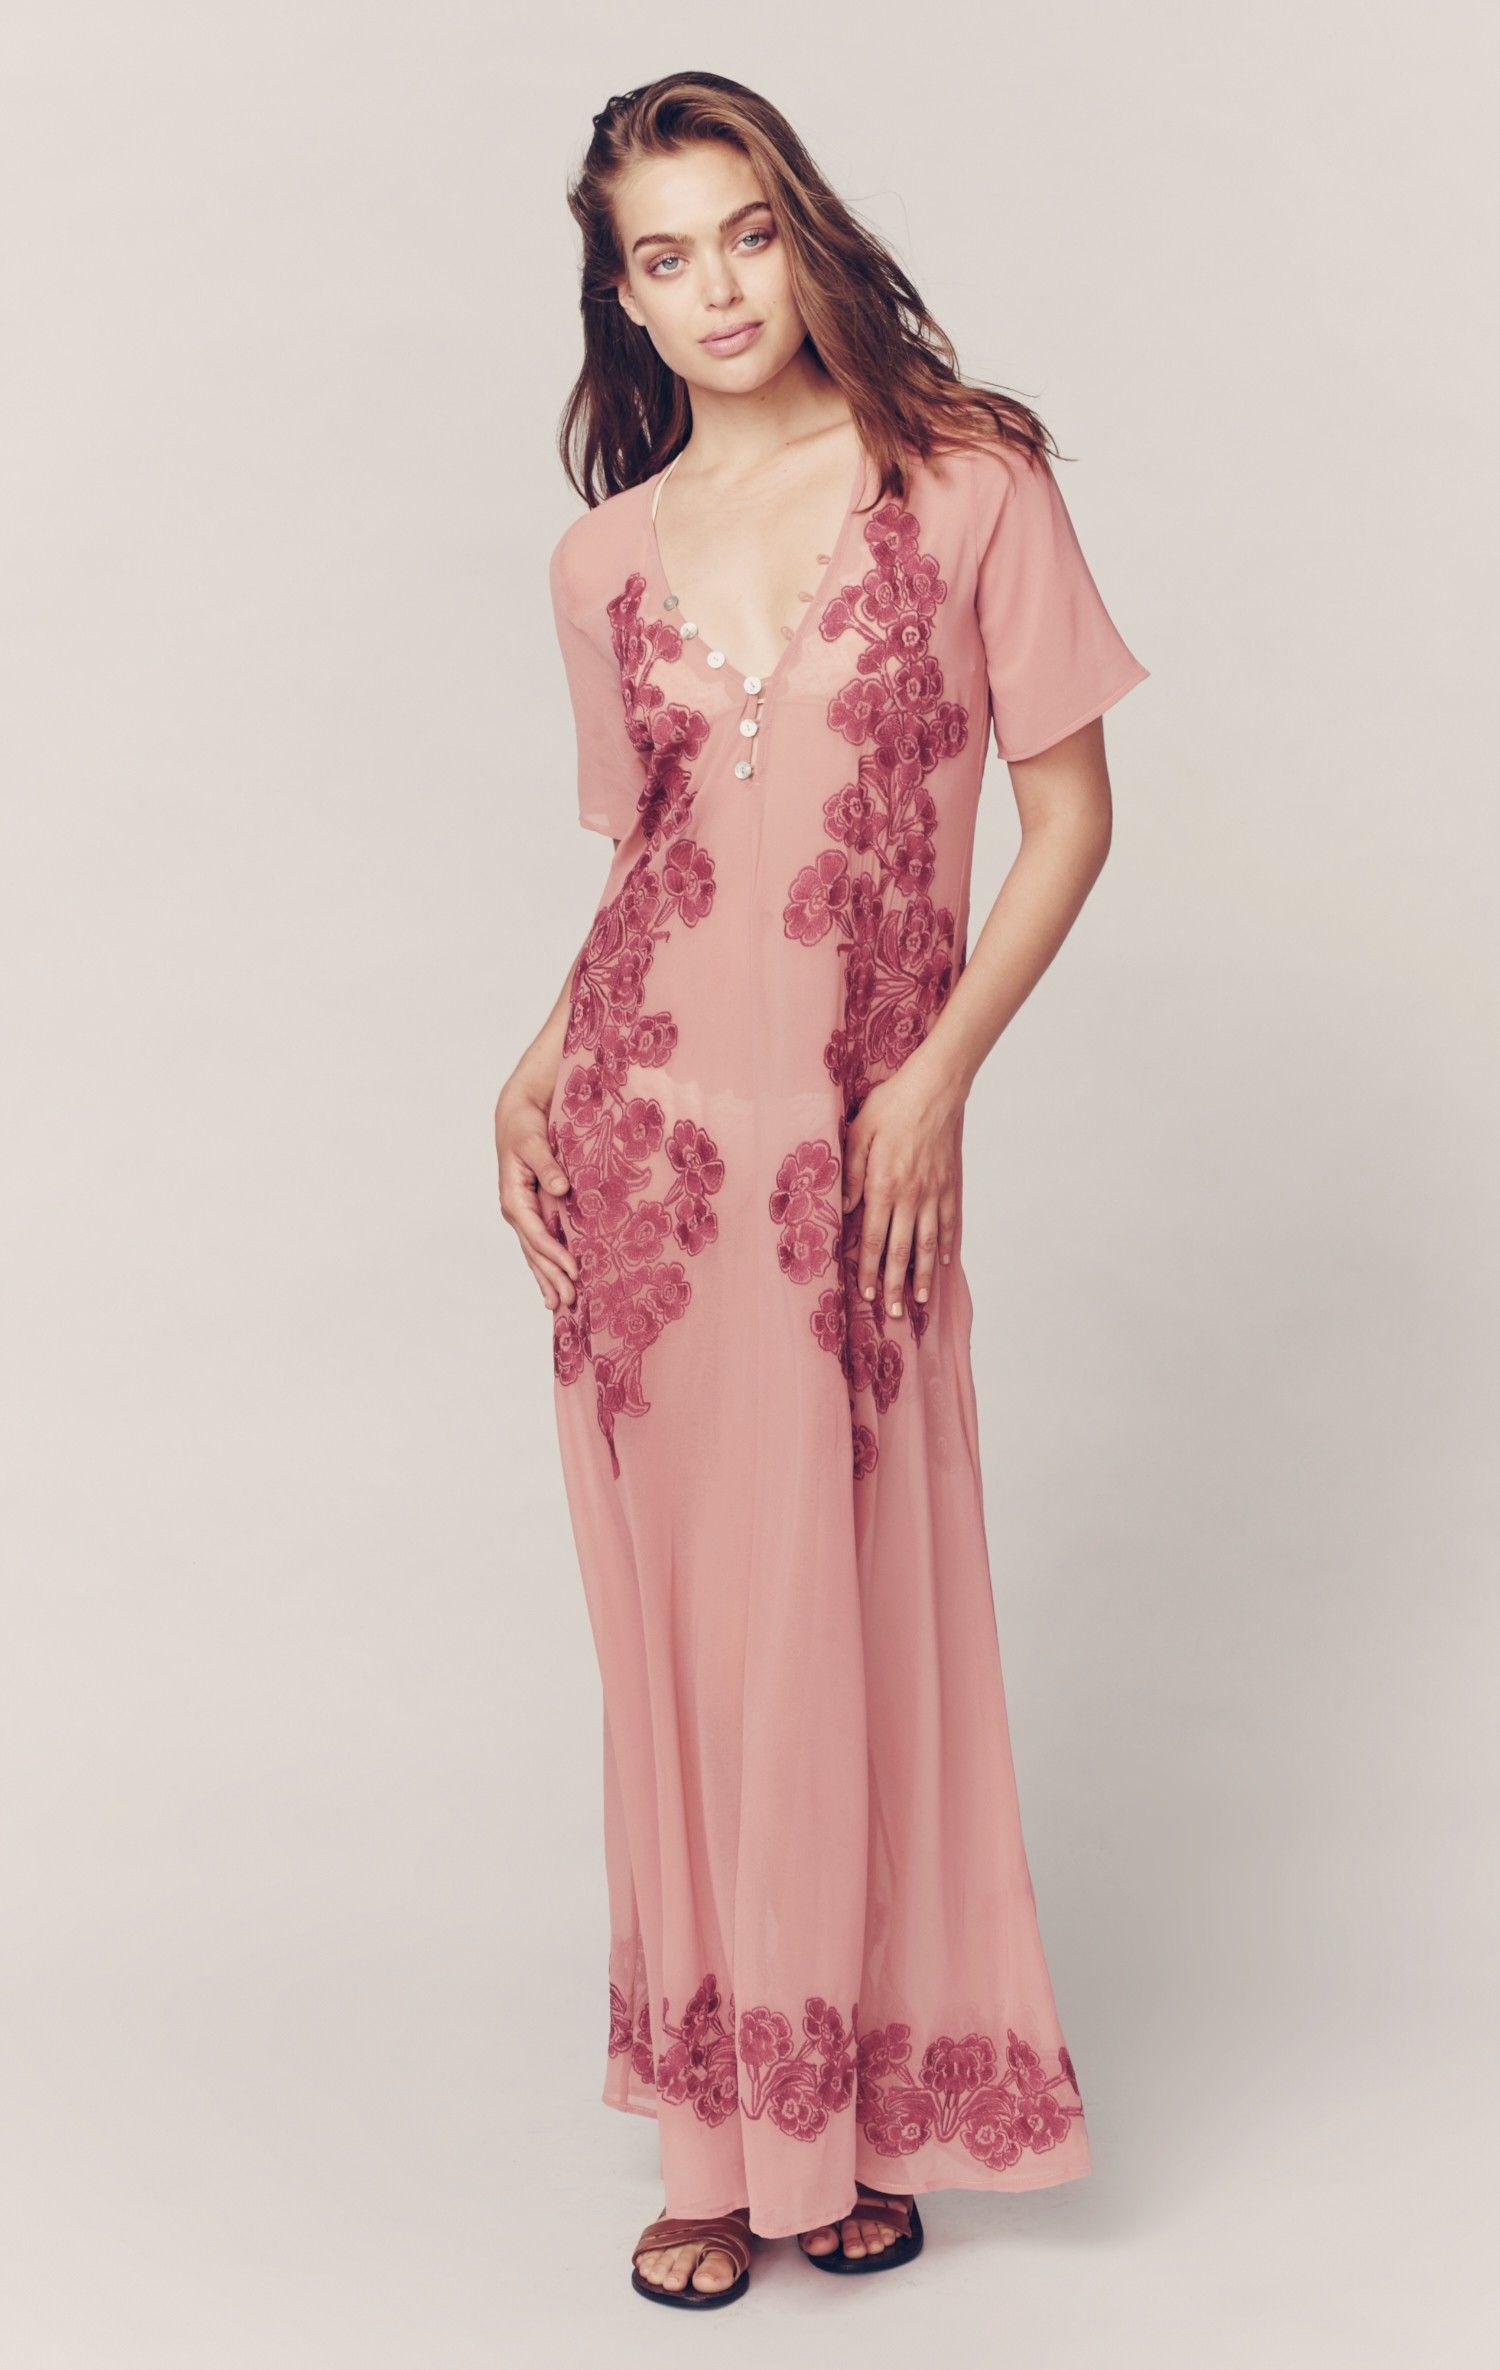 Sicily maxi dress sicily maxi dresses and boho style